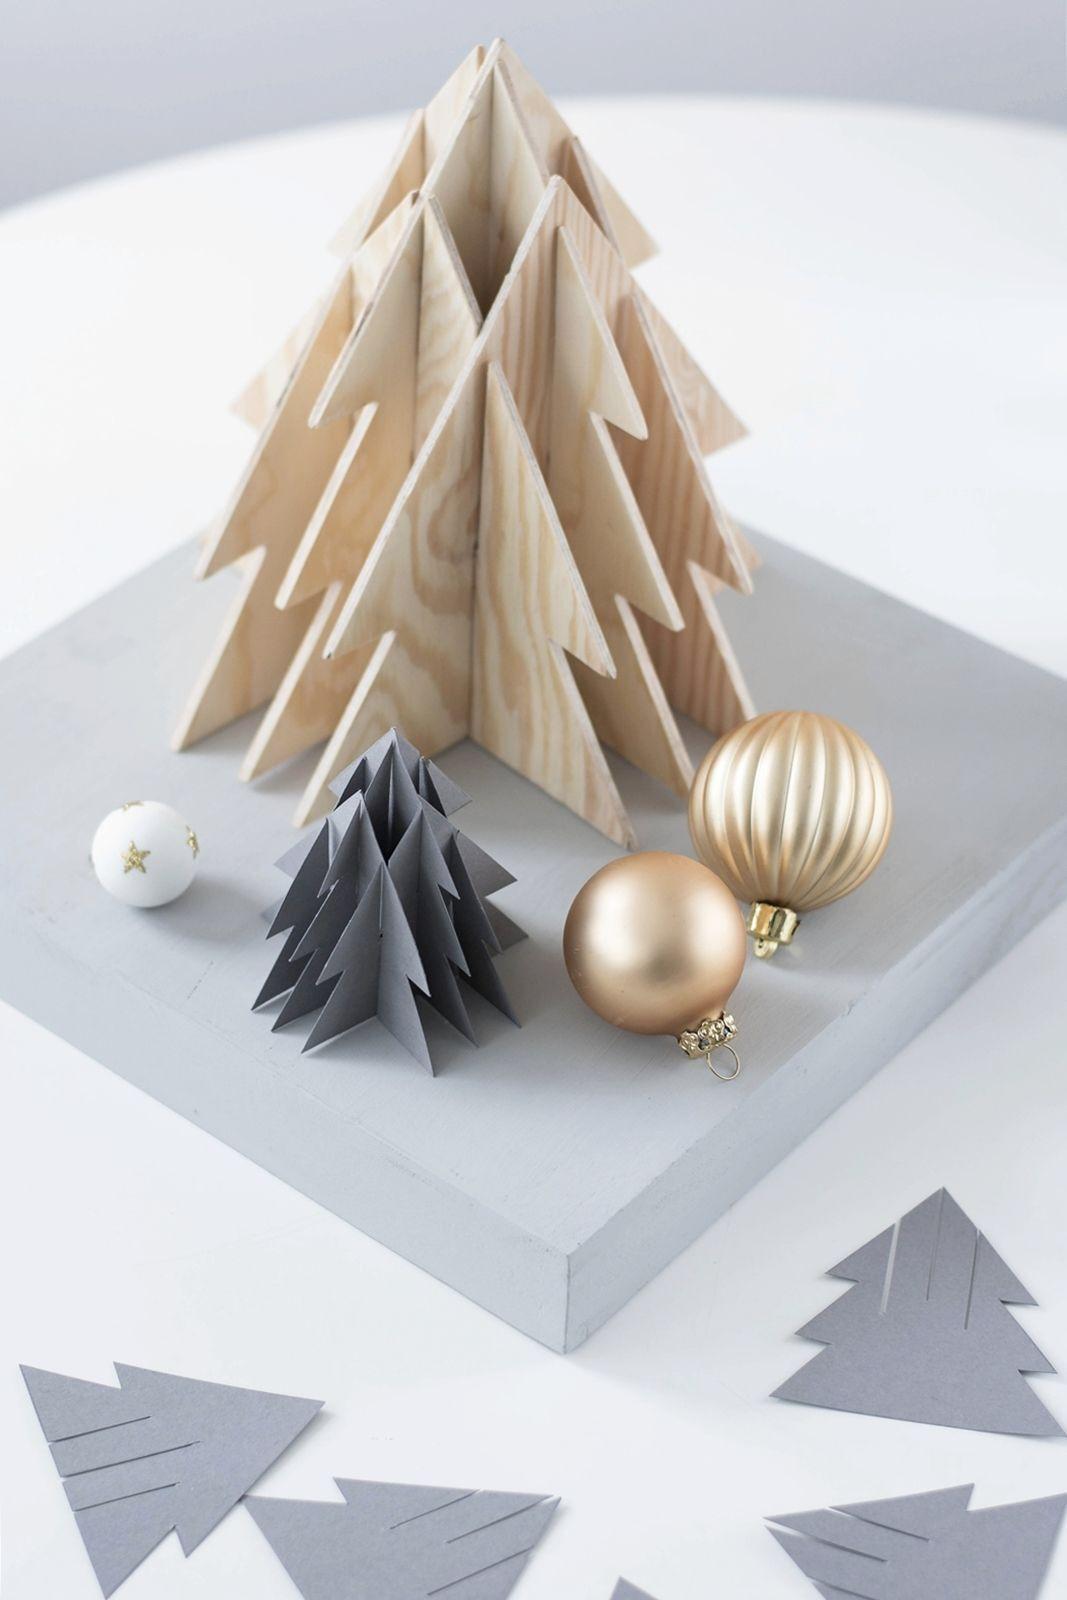 [Kreativ-Adventskalender:Türchen #9] 3-D Weihnachtsbaum aus Papier + Holz inkl. Vorlage